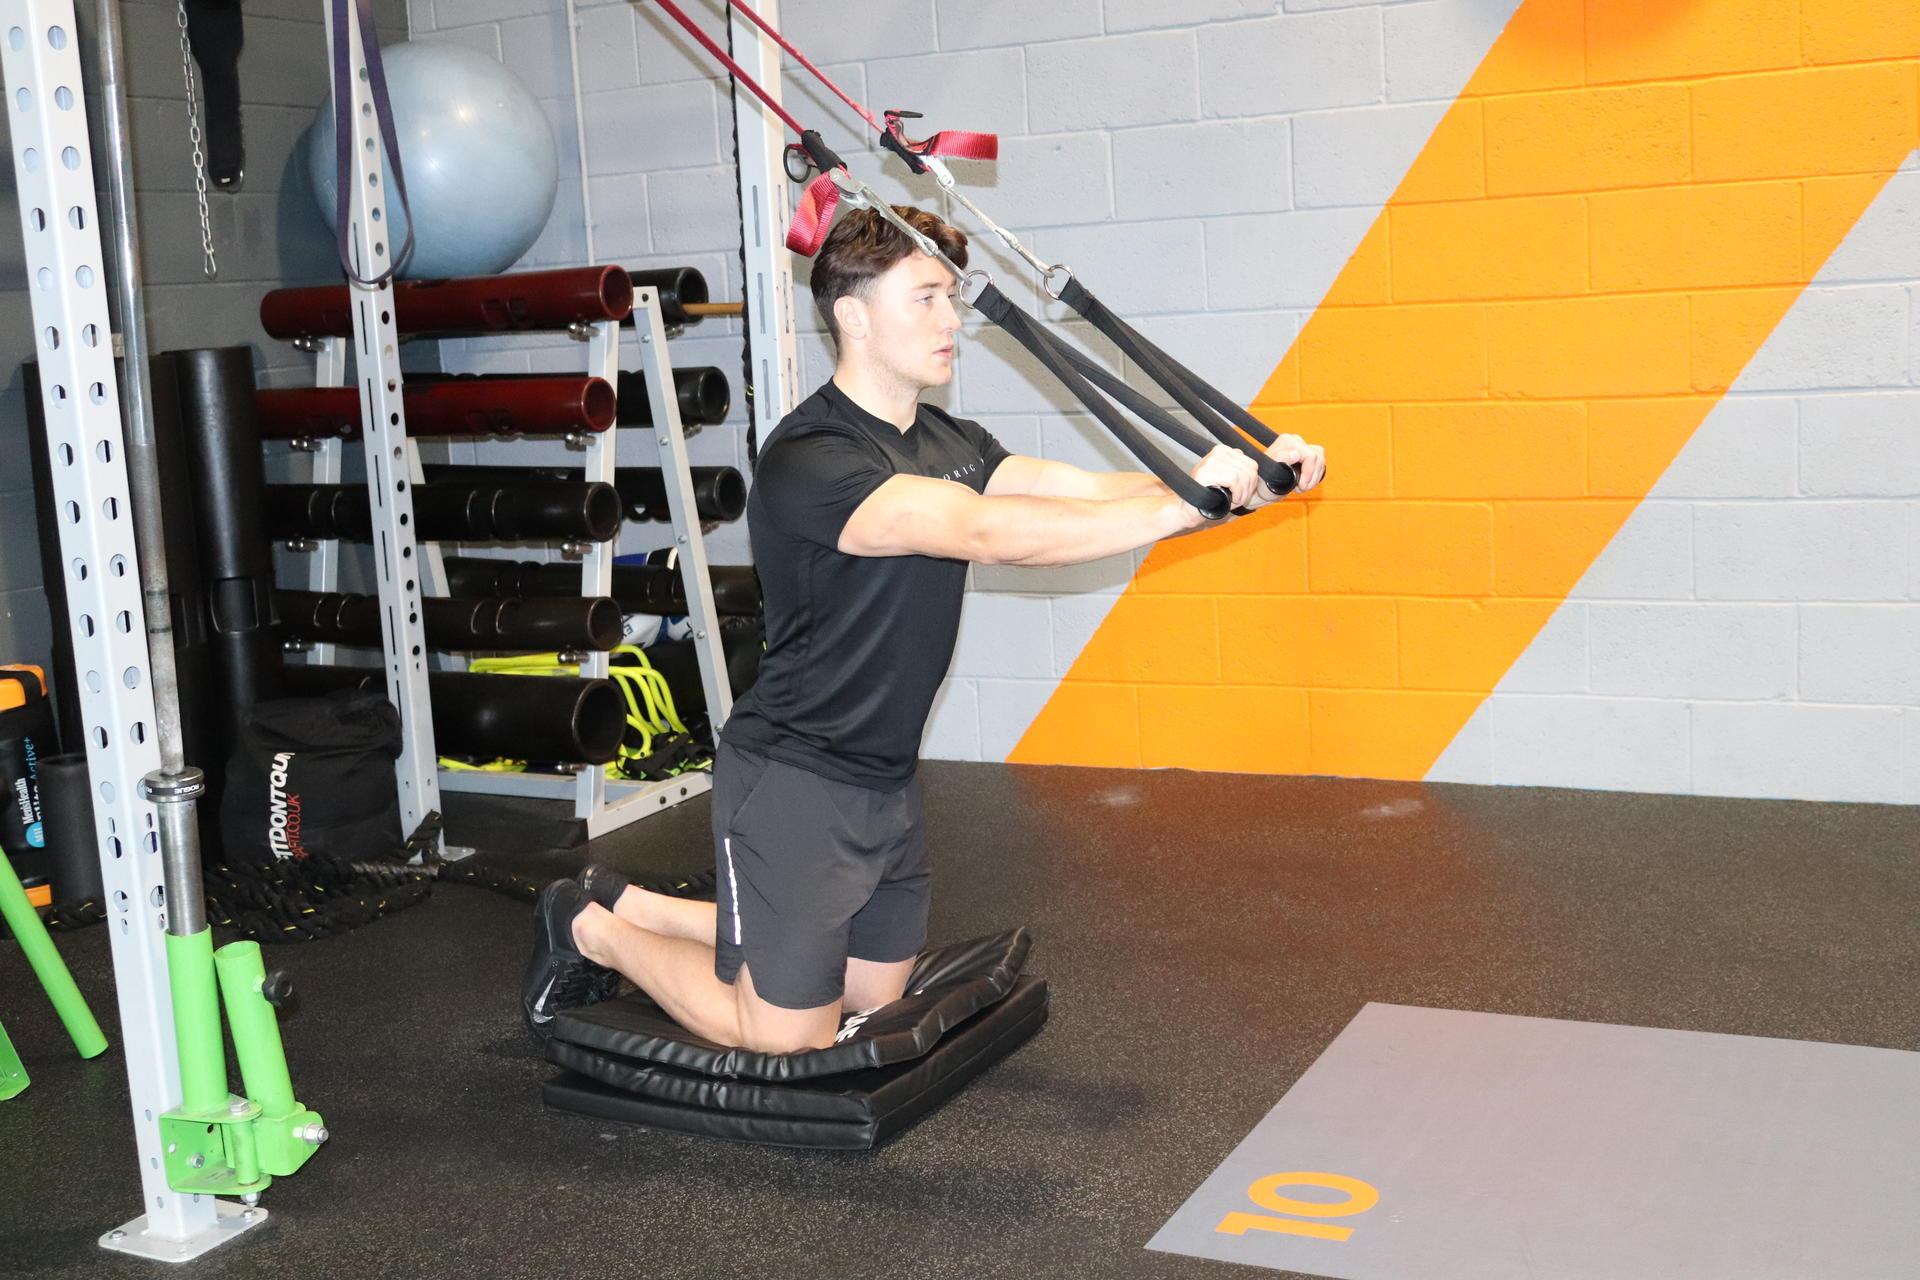 trx fitness exercises